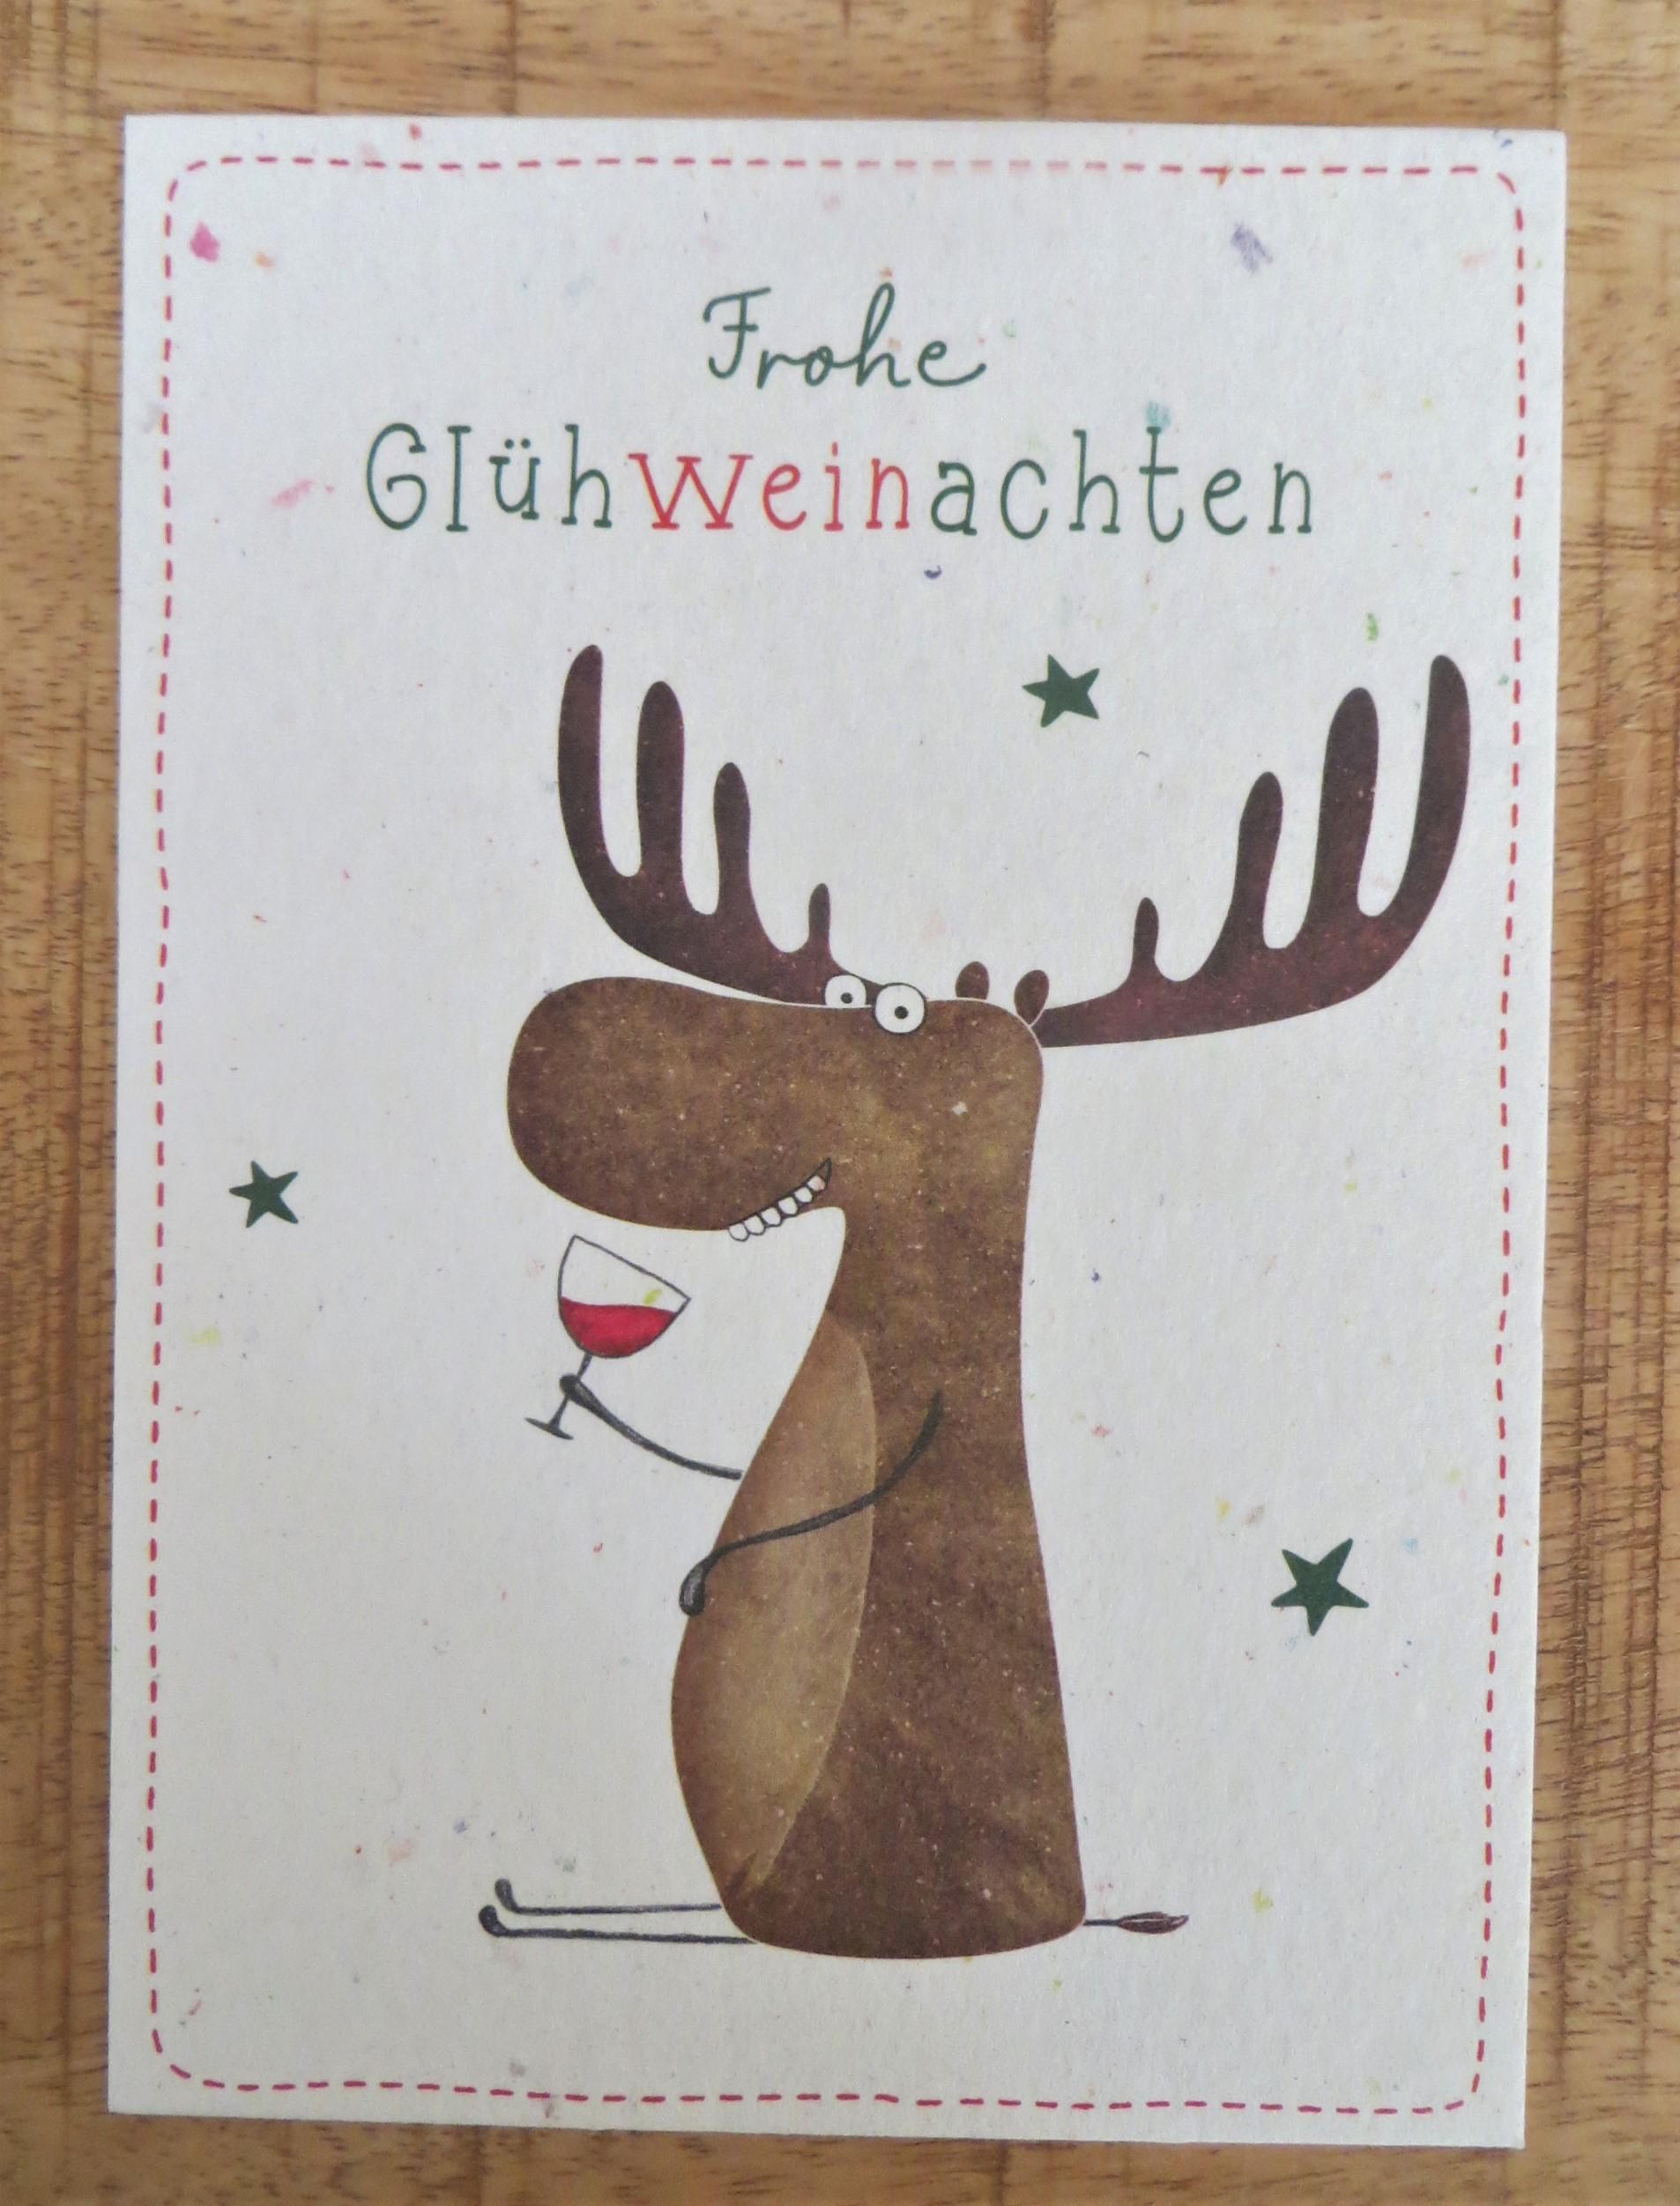 Nützlichgrusskarten - Postkarte Frohe Glühweinachten - Onlineshop Tante Emmer